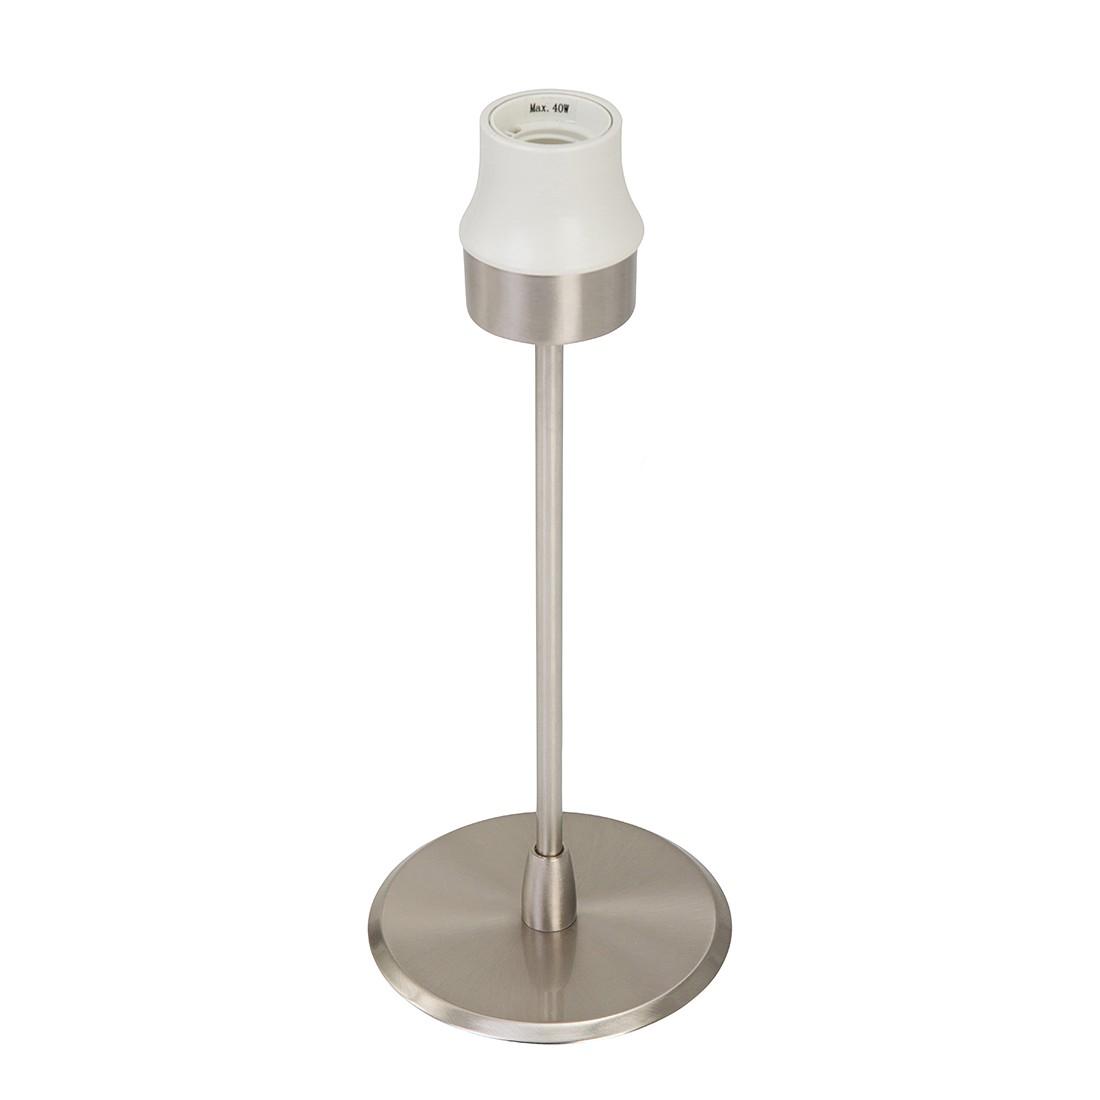 Touch-Tischleuchten-Armatur Gramineus 1-flammig ● Nickel matt- Steinhauer A++